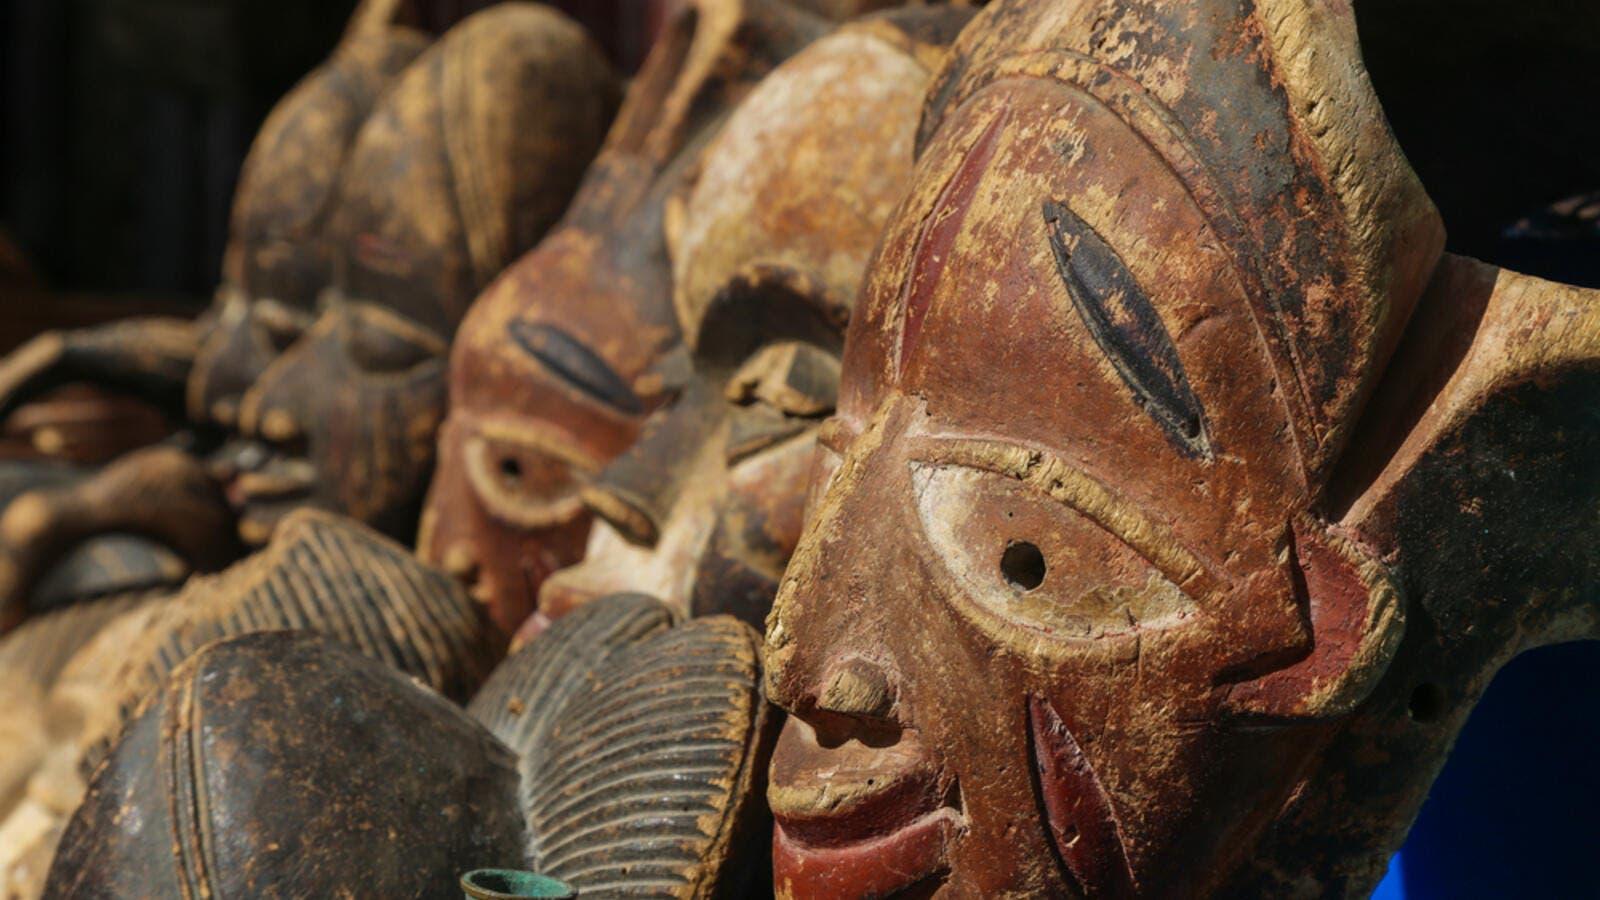 German Museum Returns 9 Stolen Artifacts to Native American